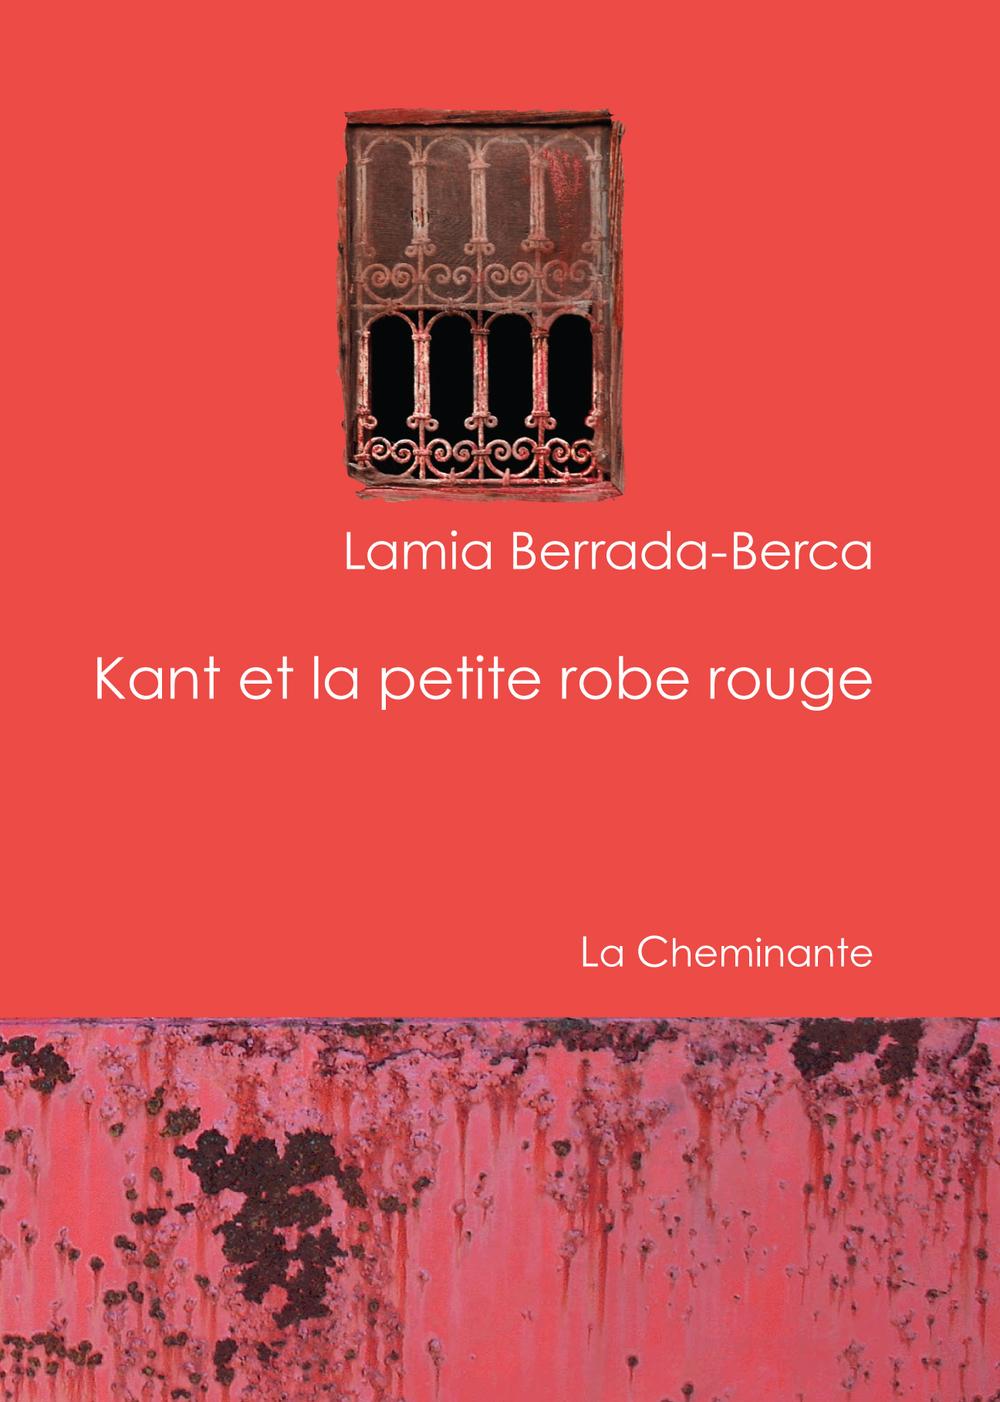 Kant et la petite robe rouge